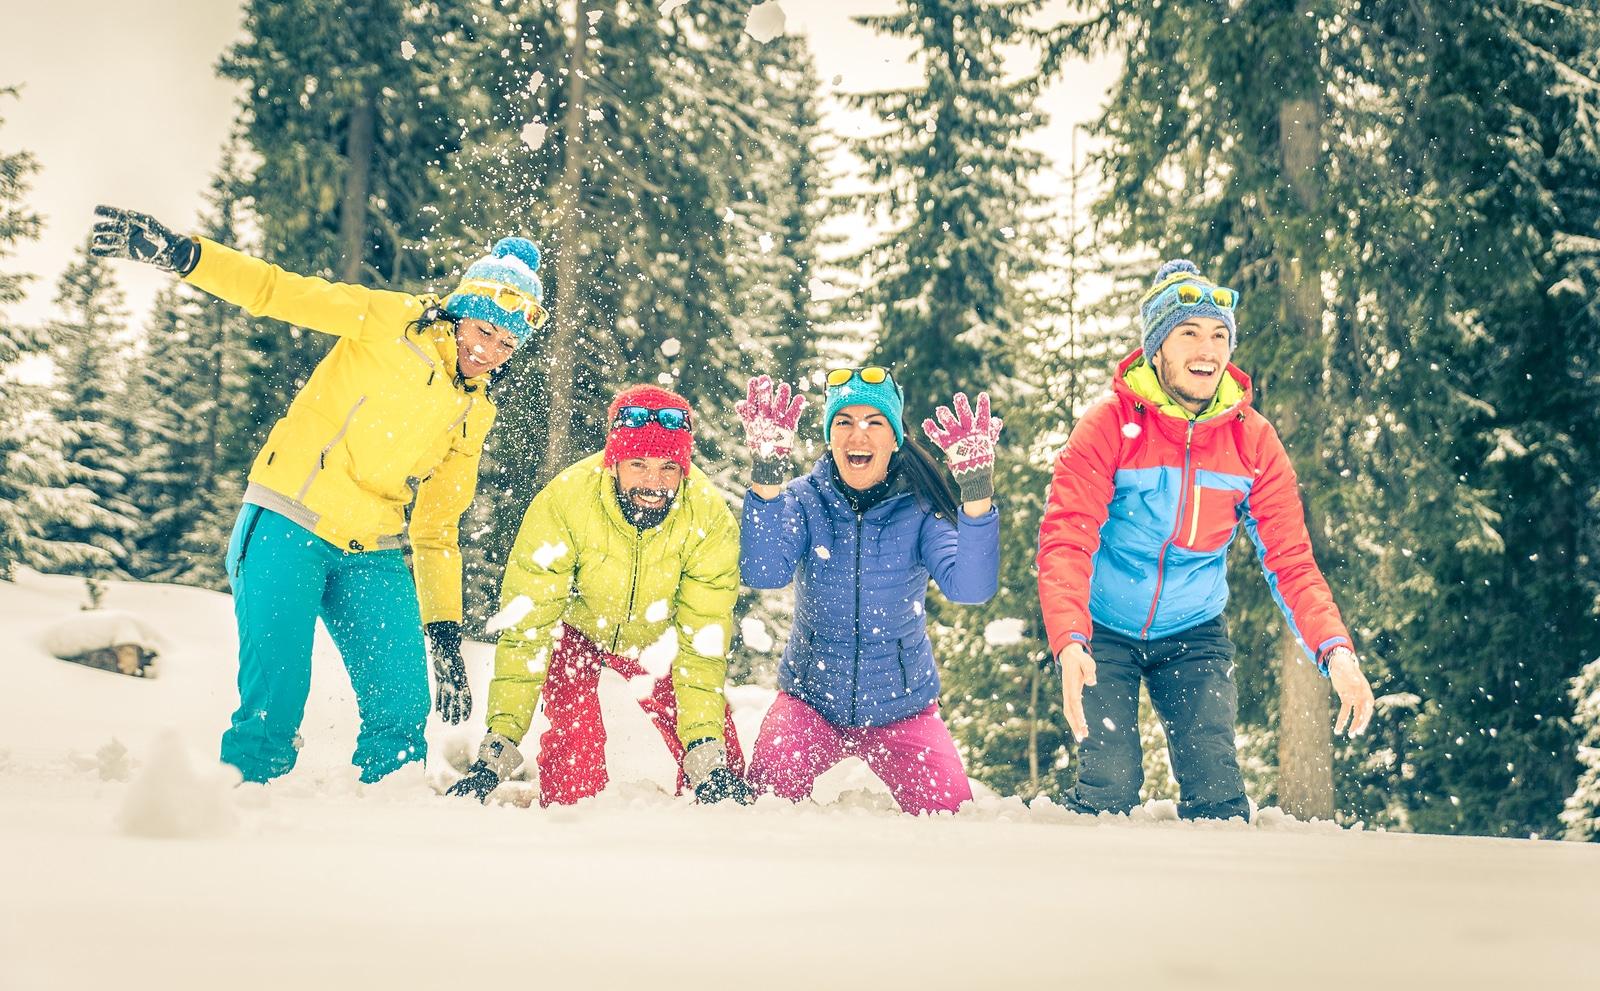 Holidays Lounge sugiere atracciones de invierno en Aspen Colorado